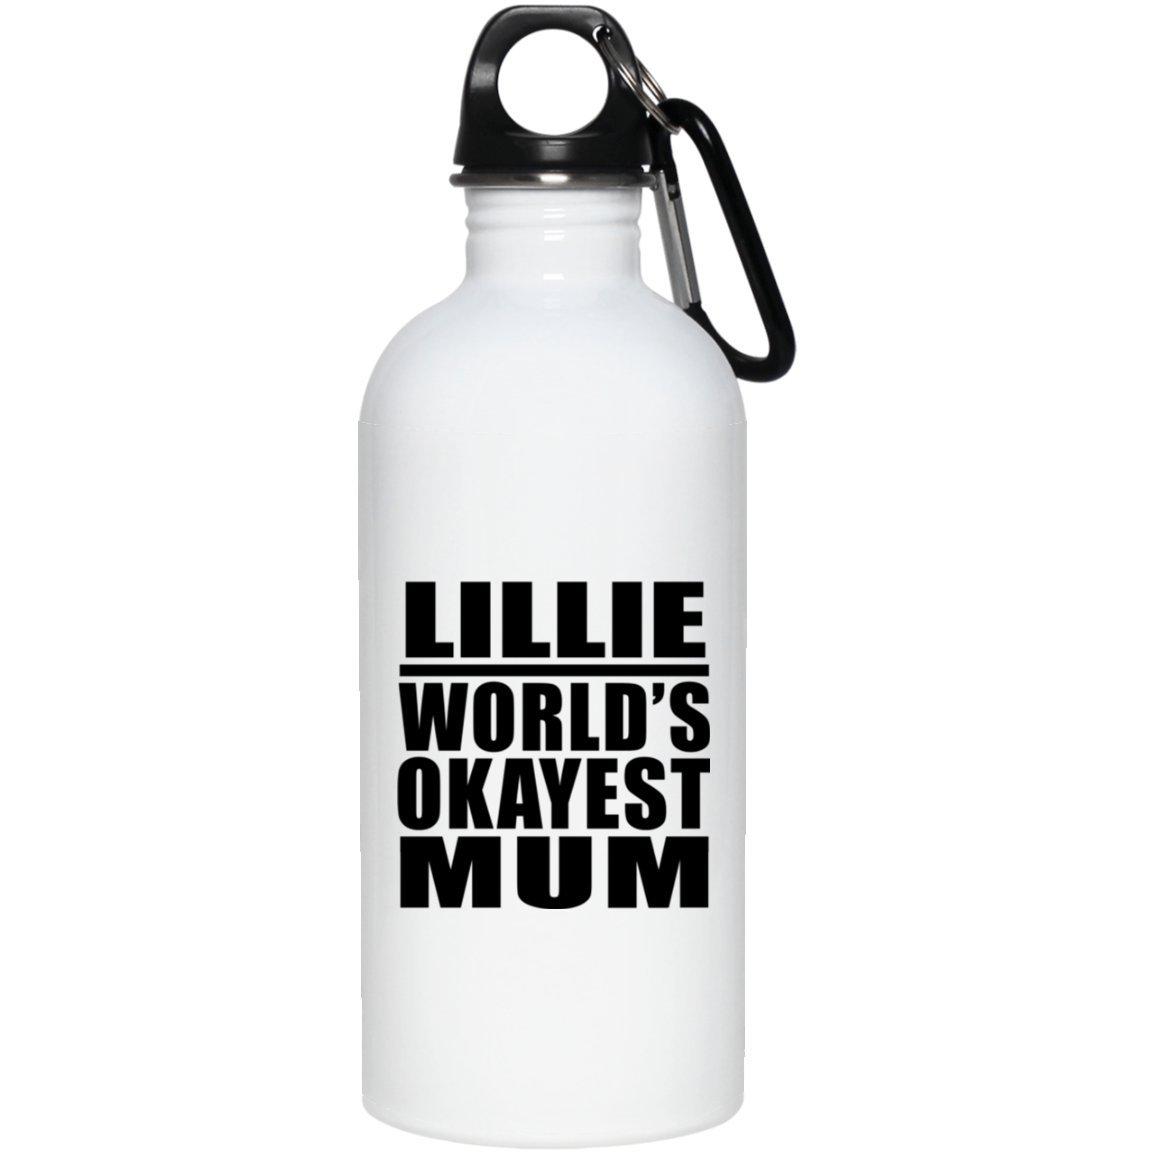 Lillie Worlds Okayest Mum - Water Bottle Borraccia Acciaio Inossidabile Termico - Regalo per Compleanno Anniversario Festa della Mamma del papà Pasqua